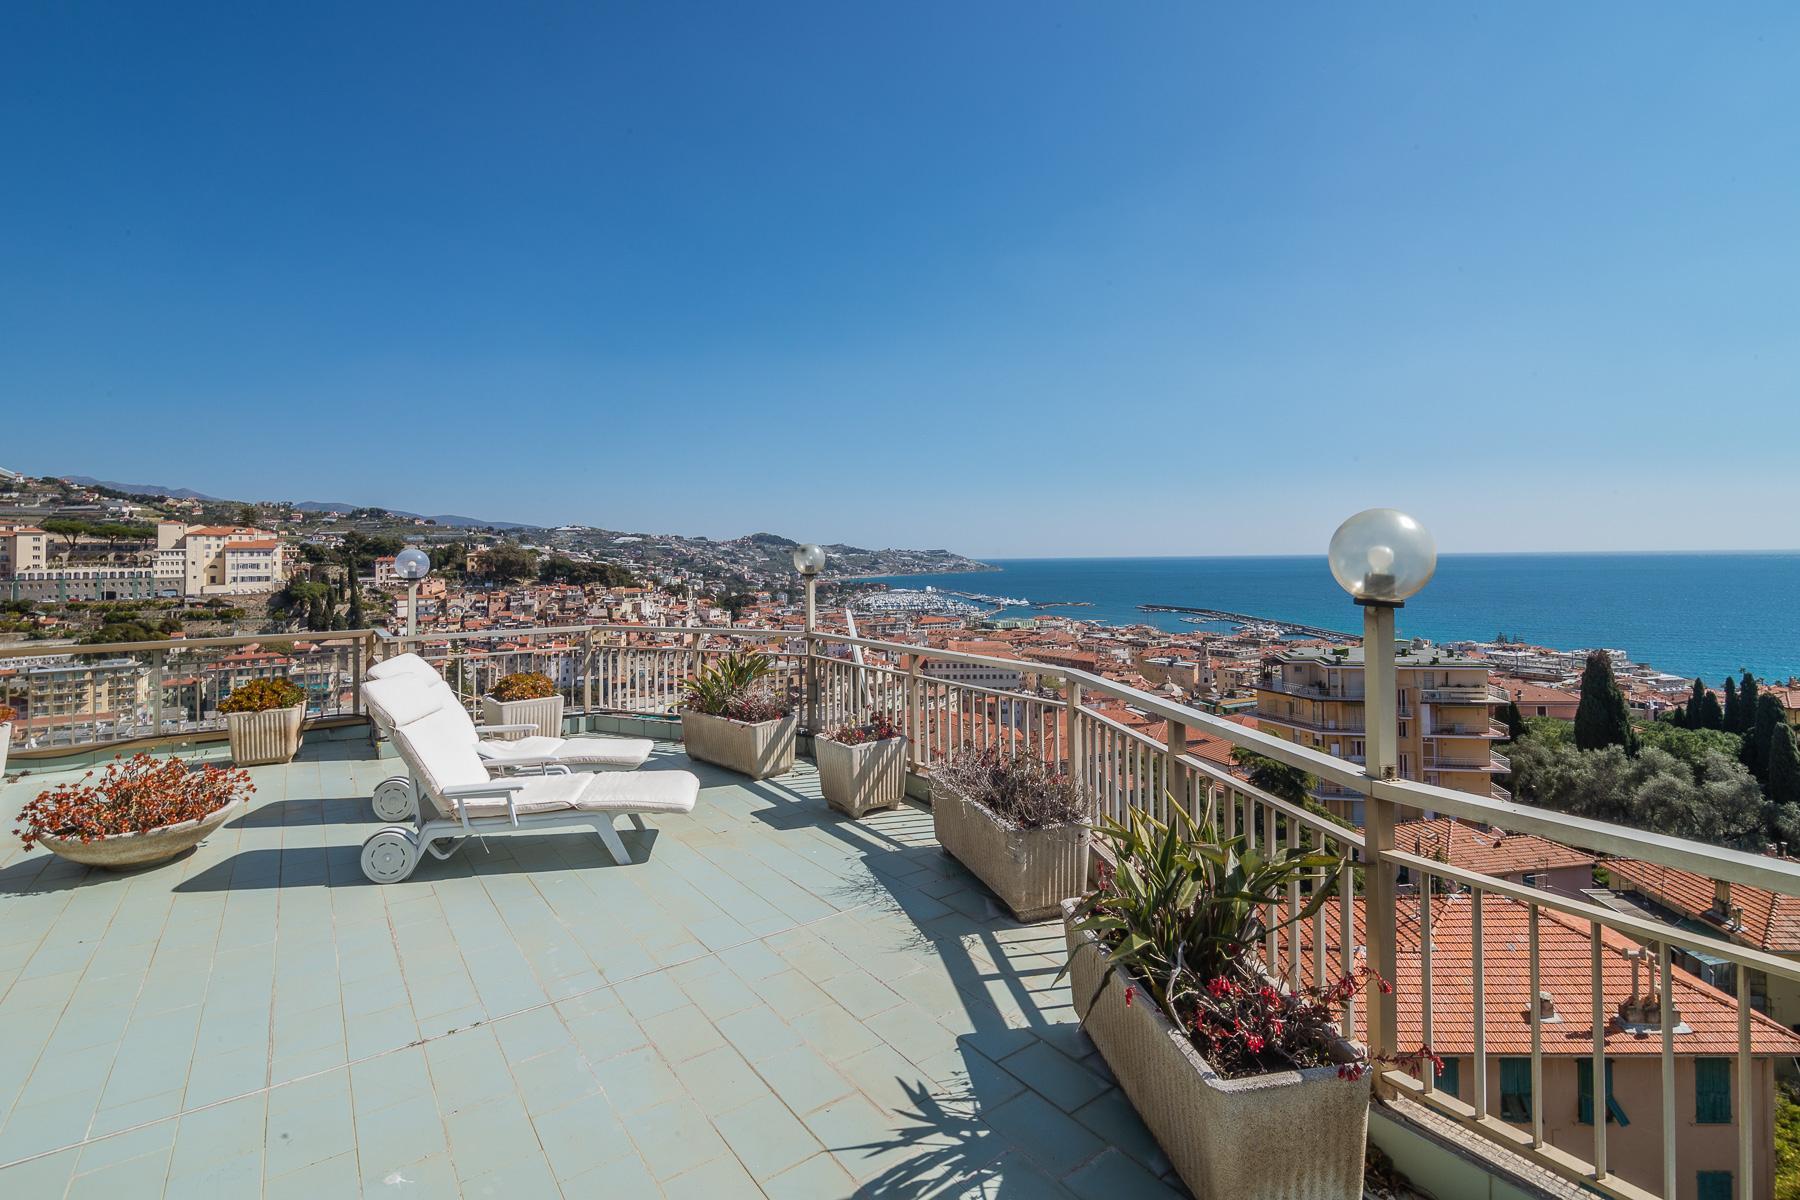 Appartement panoramique avec terrasse d'environ 80 mq - 3